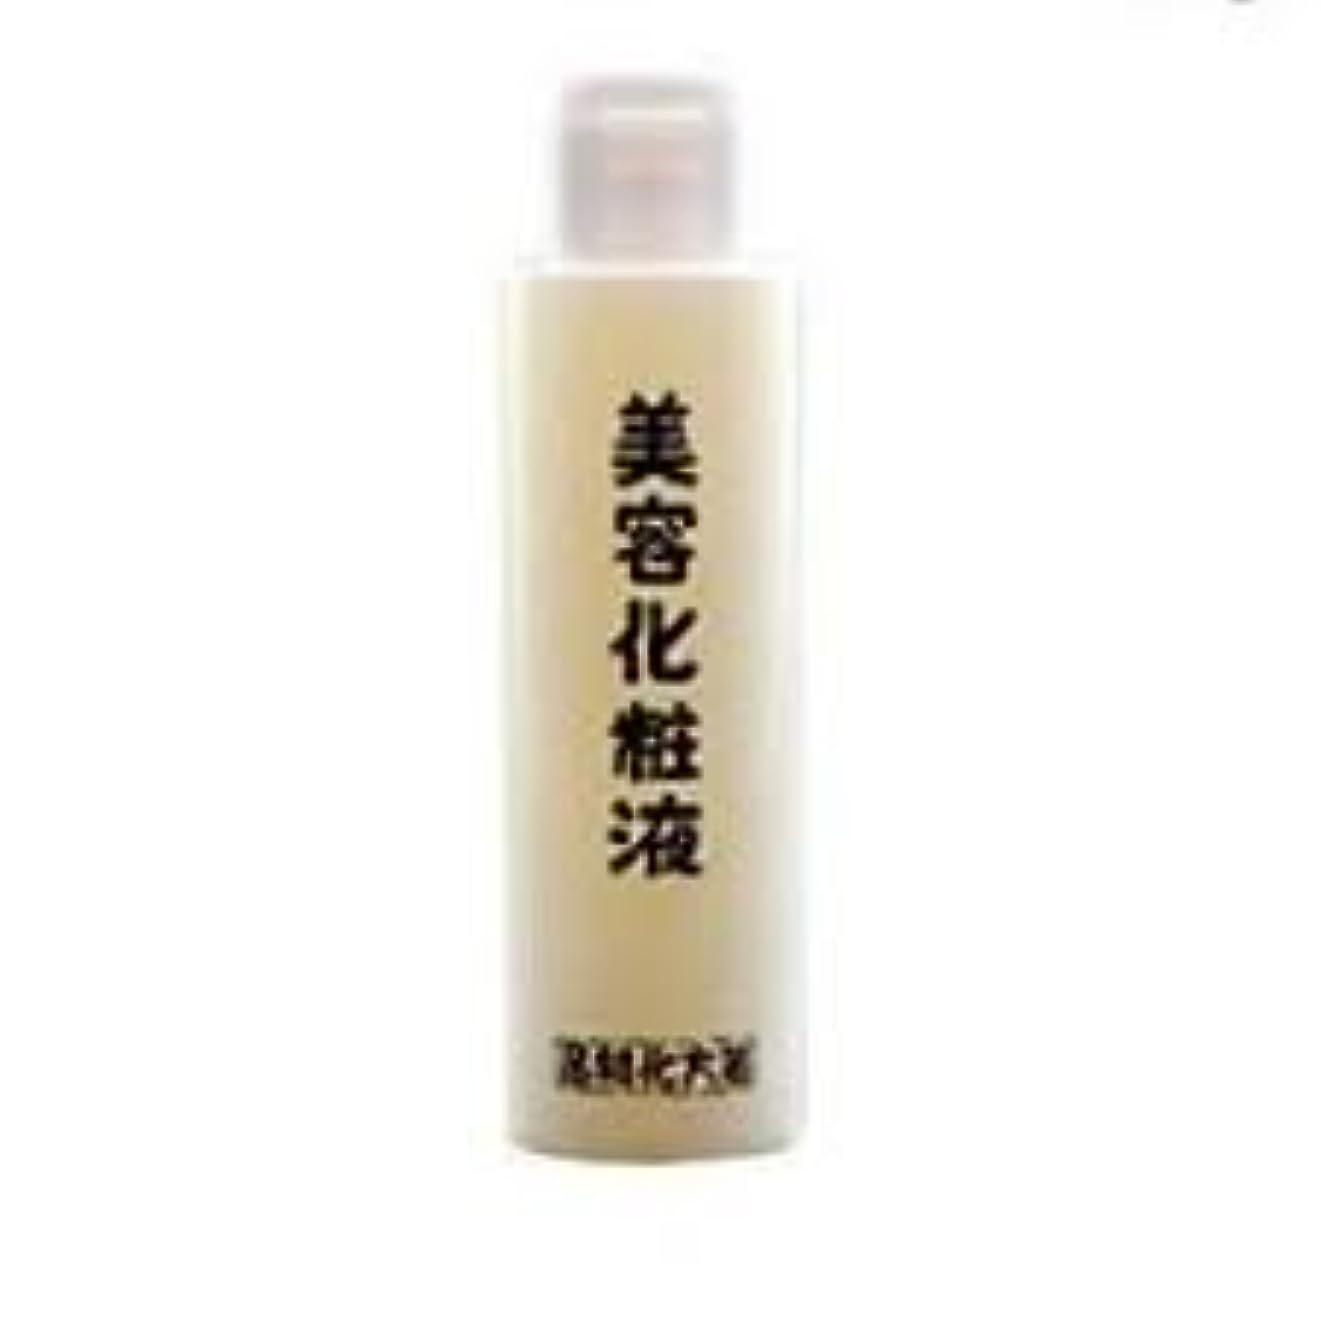 防ぐ略語妻箸方化粧品 美容化粧液 化粧水 120ml はしかた化粧品